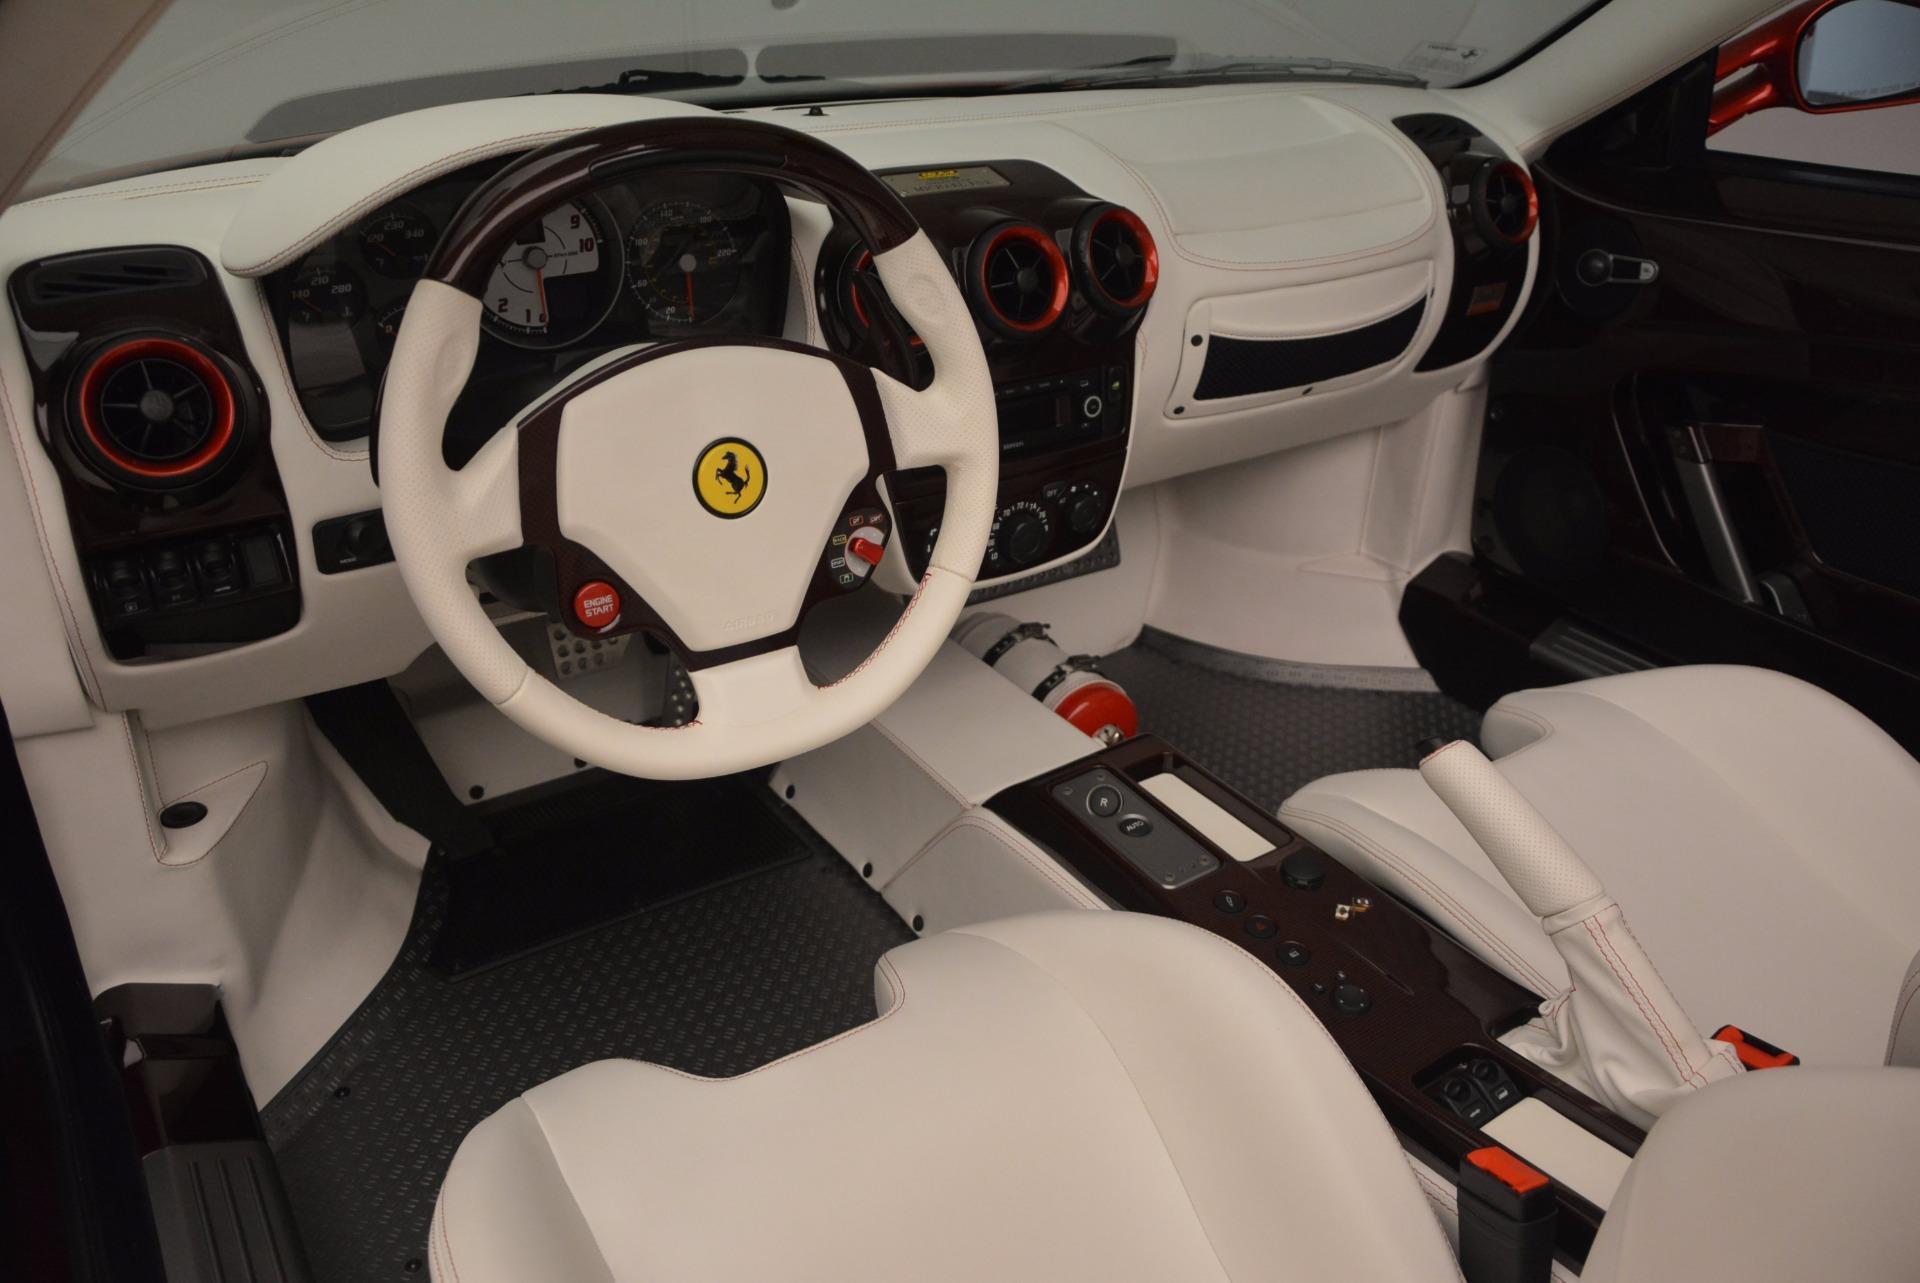 Used 2009 Ferrari F430 Scuderia 16M For Sale In Greenwich, CT 1398_p25